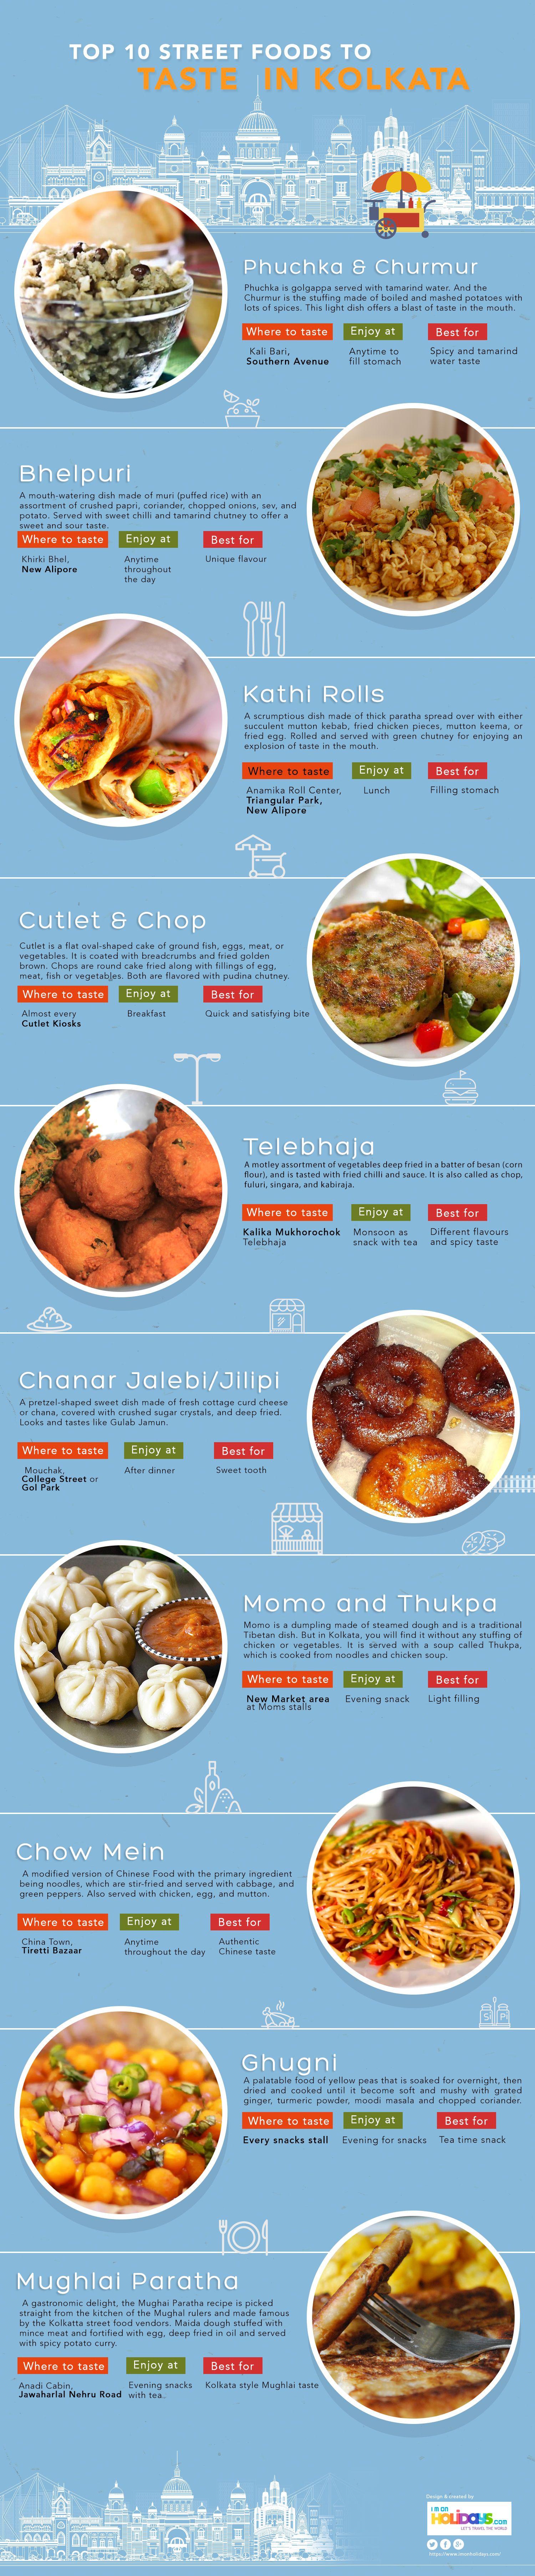 Pin by Pind Punjabi Dhaba on Kolkata Food Guide | Pinterest ...